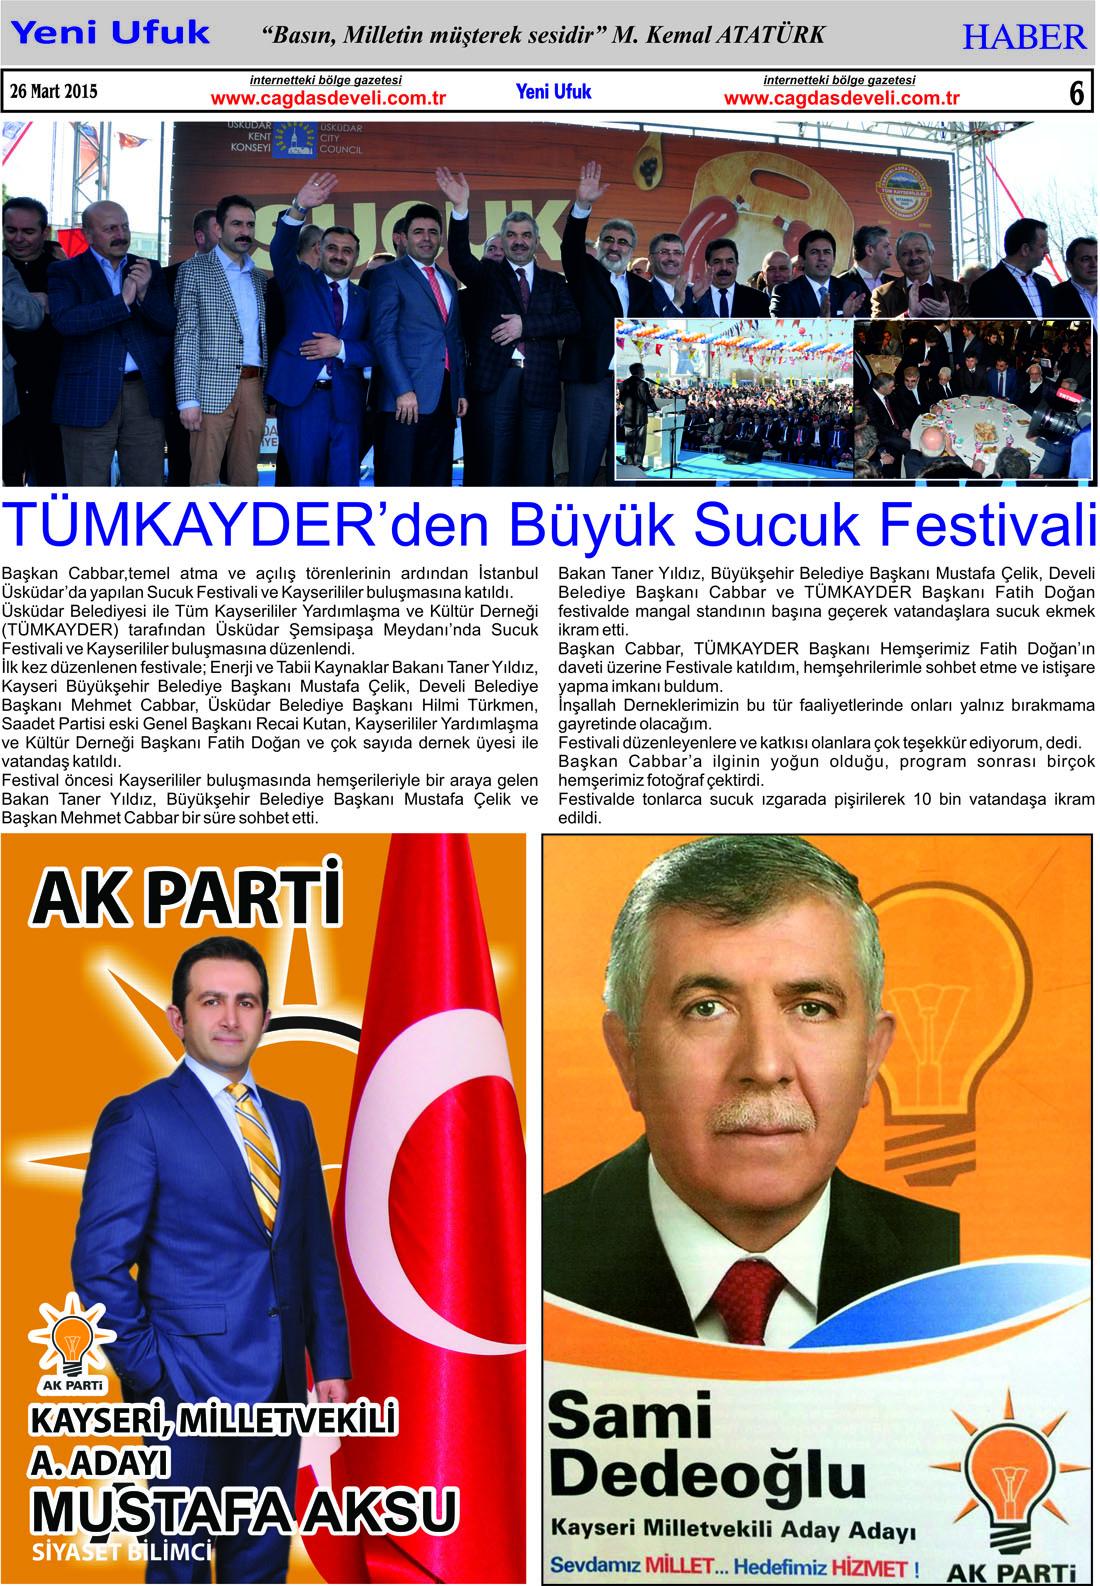 Yeni Ufuk Bölge Gazetesi, 26 Mart 2015, Sayfa 6